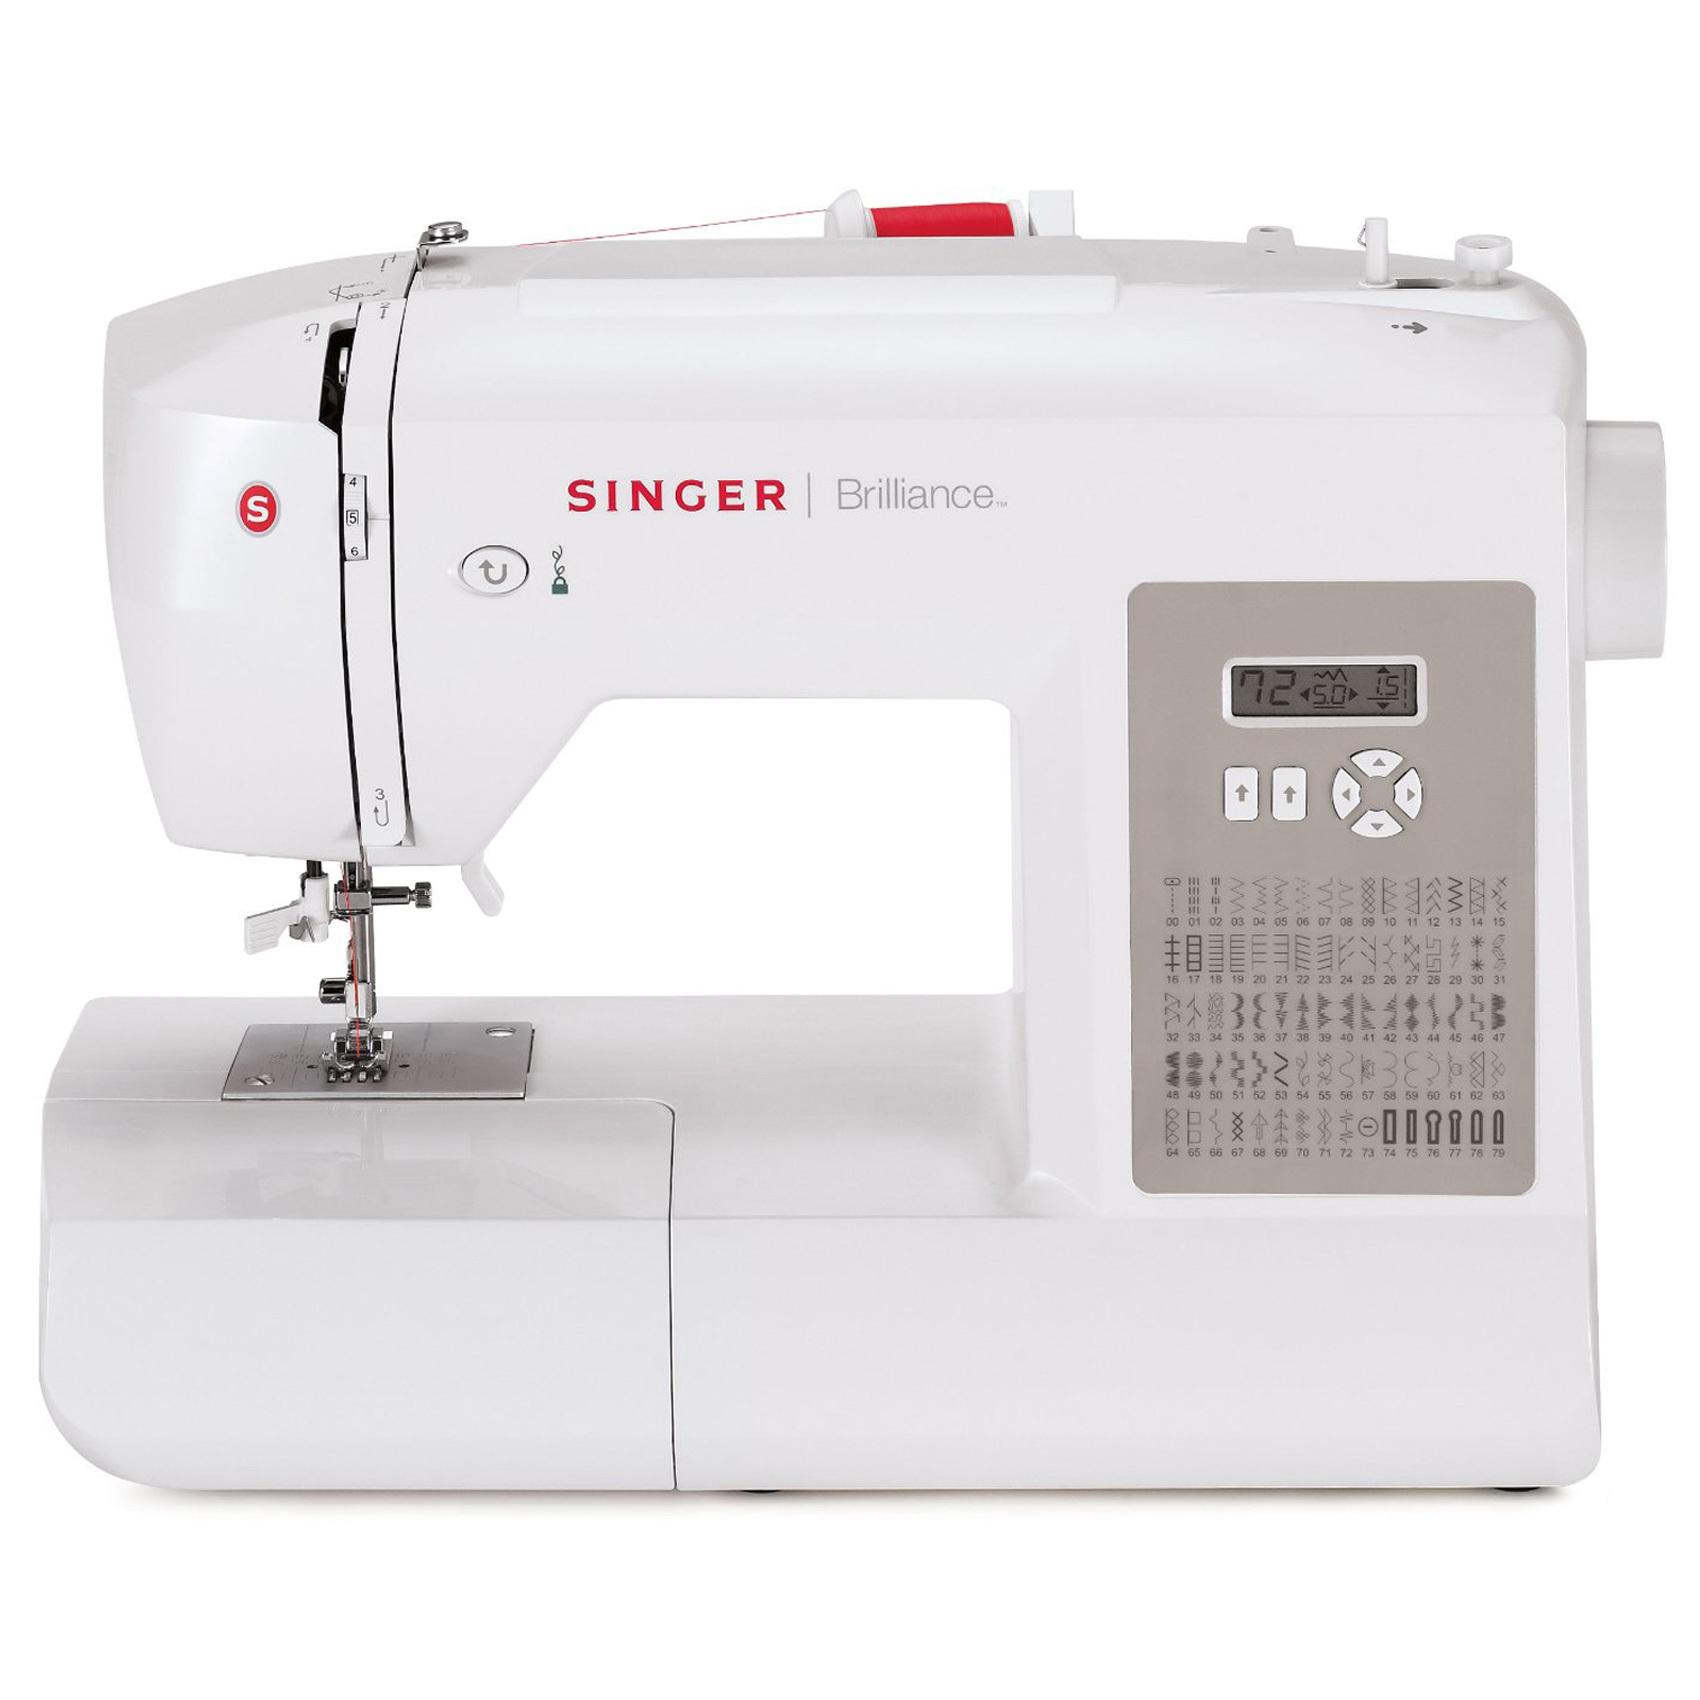 SINGER SEWING MACHINE 6180